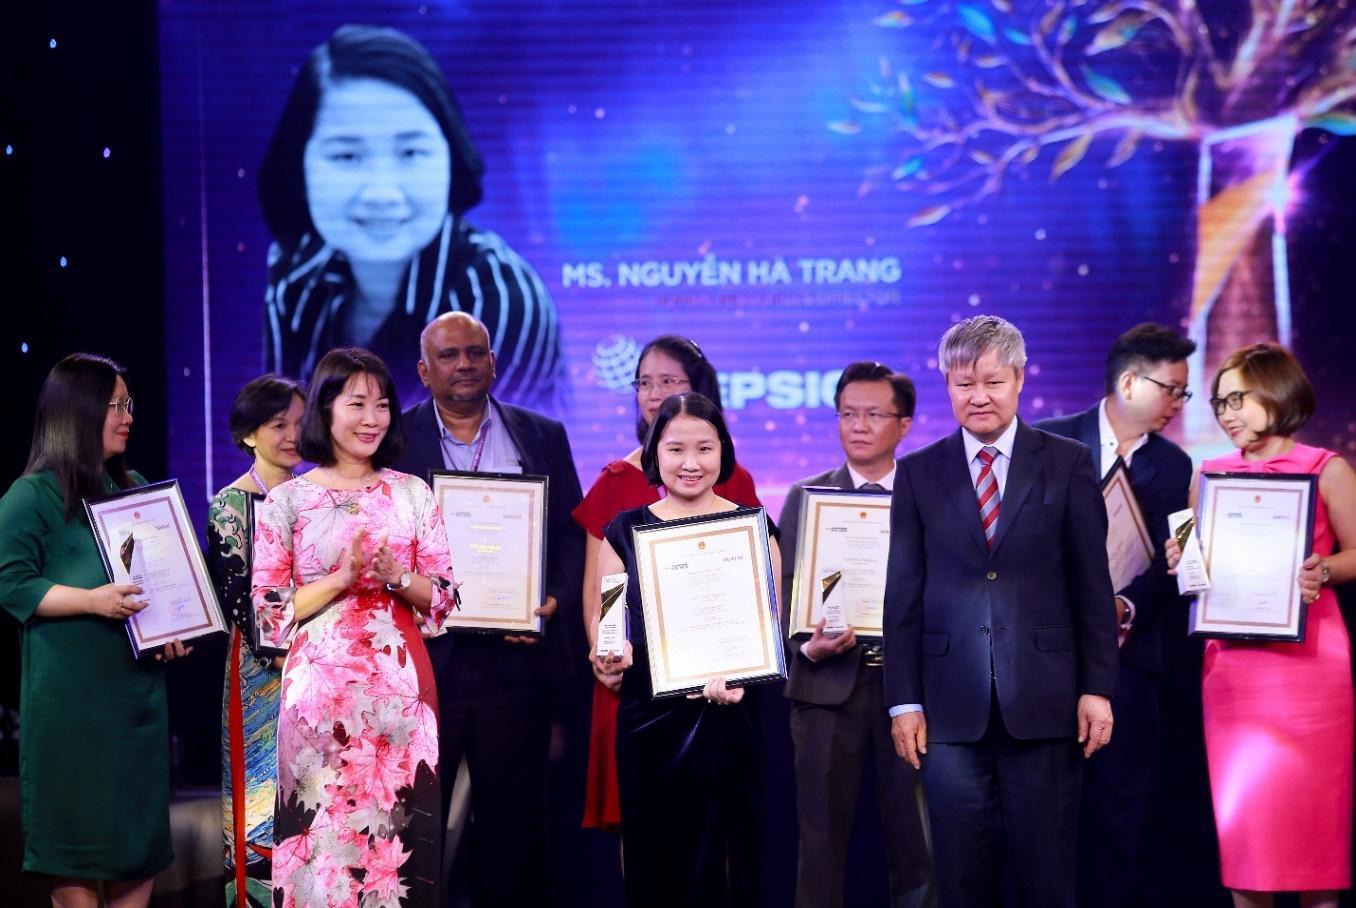 PepsiCo Foods Việt Nam lọt top những nơi làm việc hàng đầu Việt Nam - Ảnh 2.